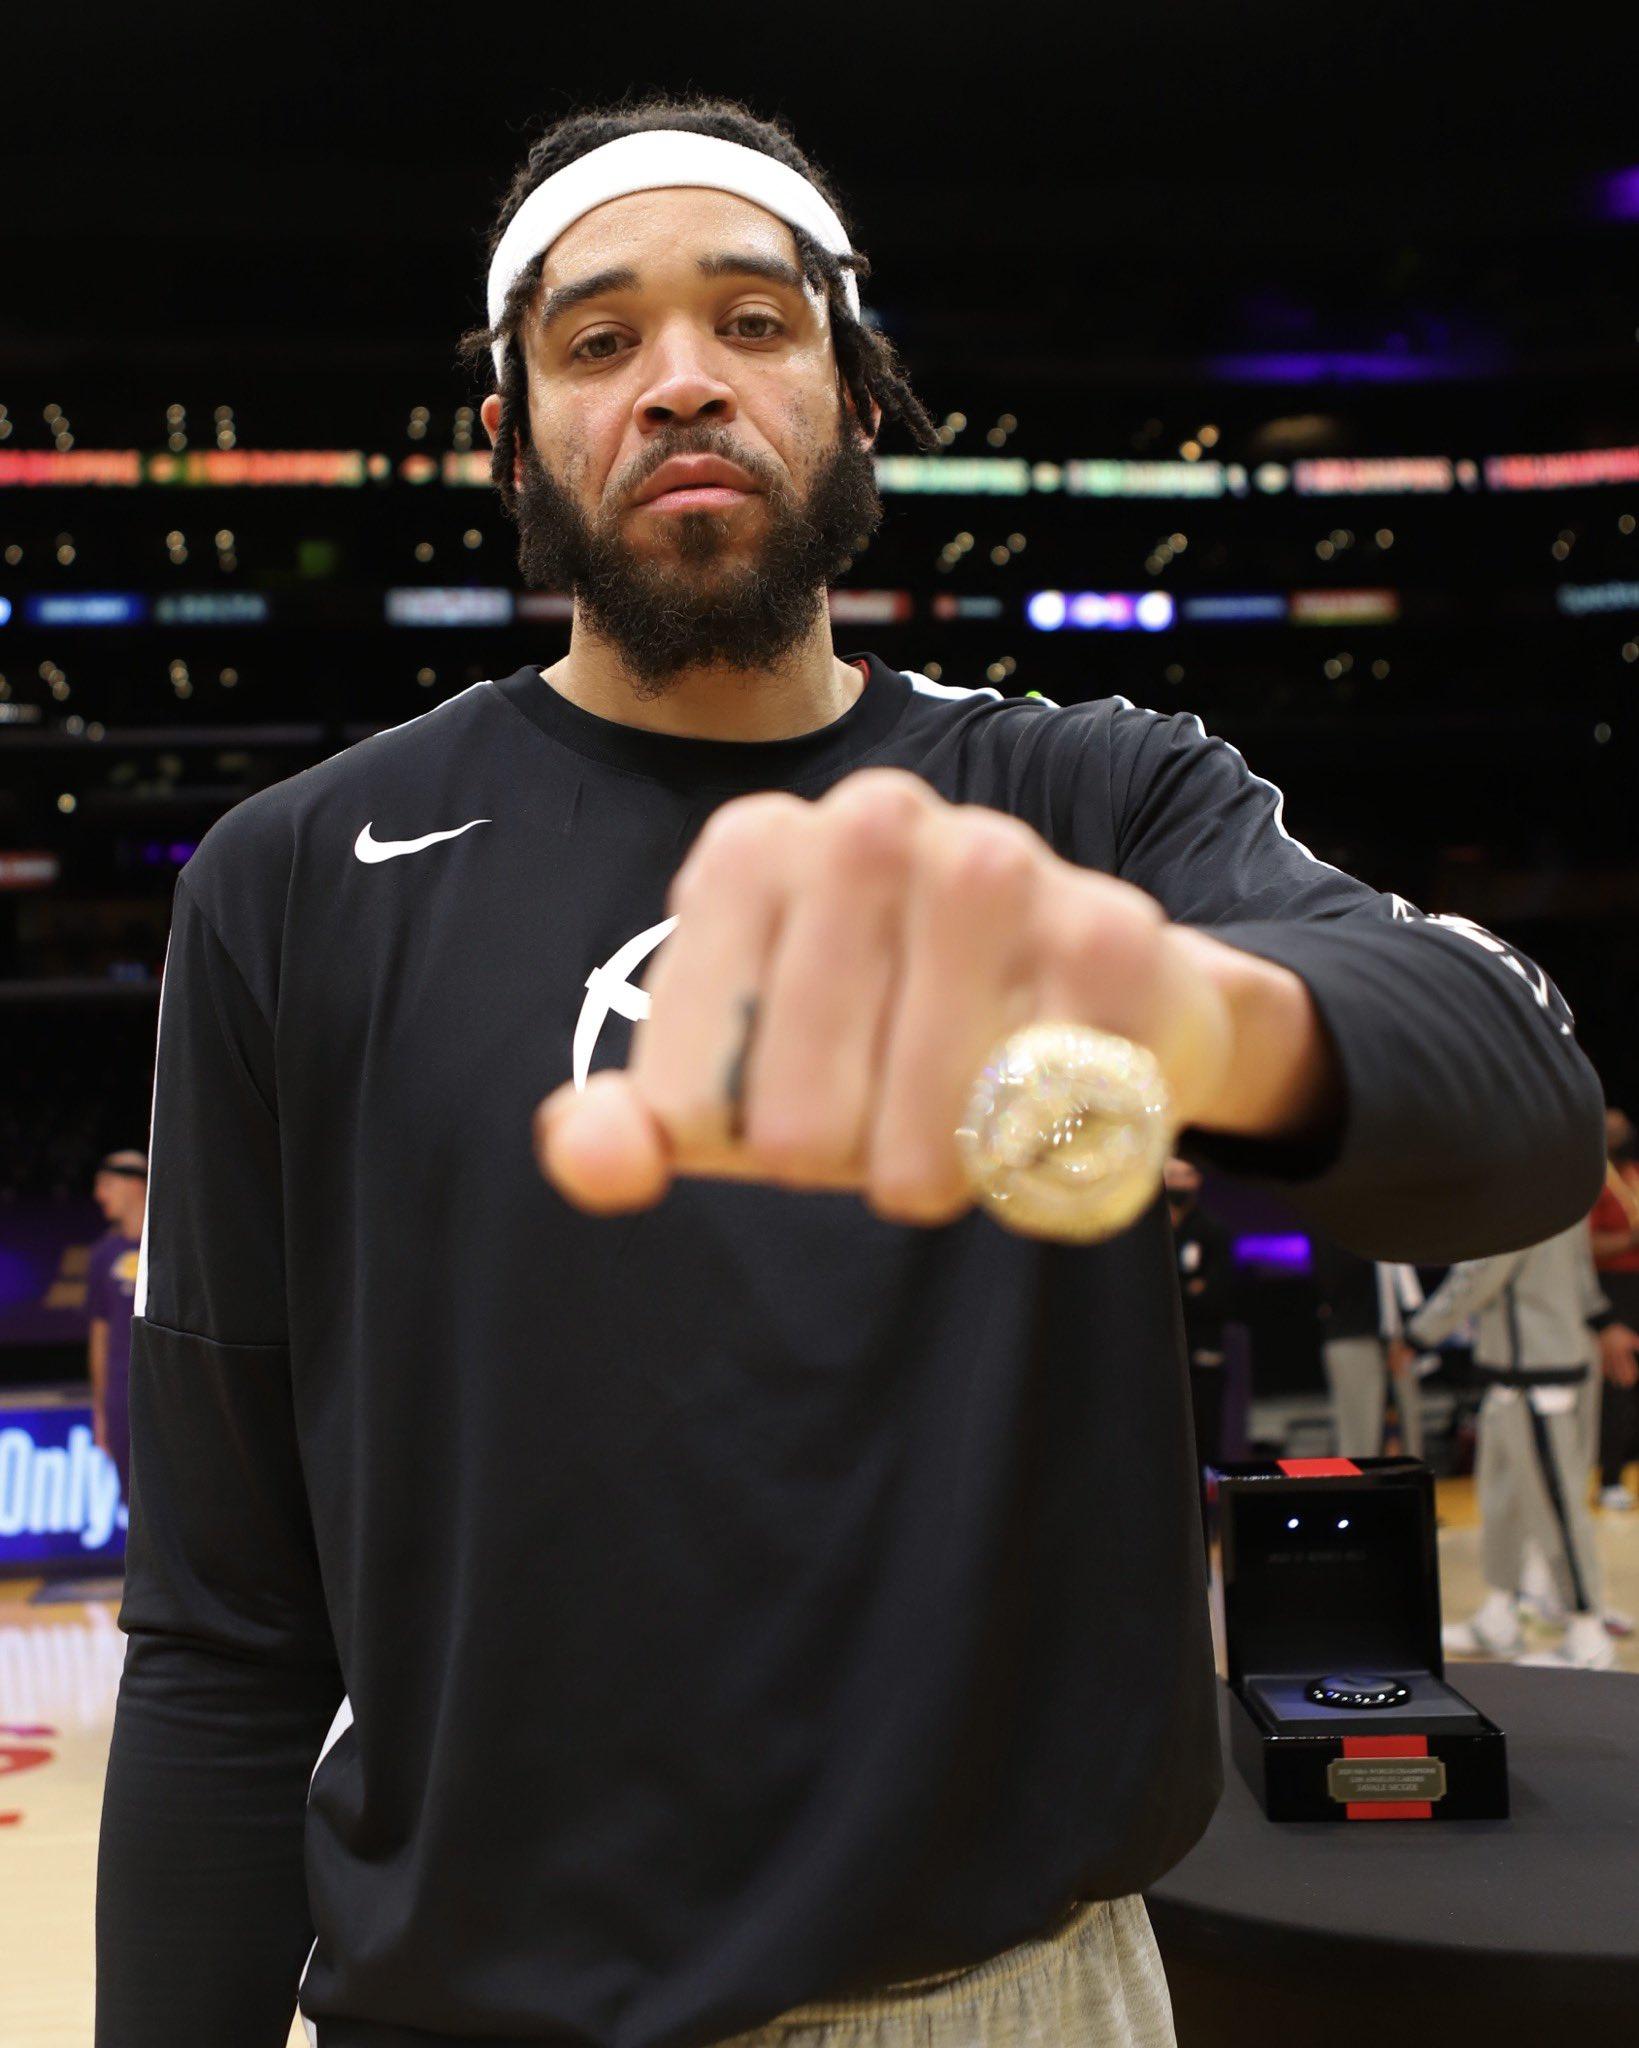 三届冠军!NBA官推发布麦基赛前领取湖人冠军戒指组图